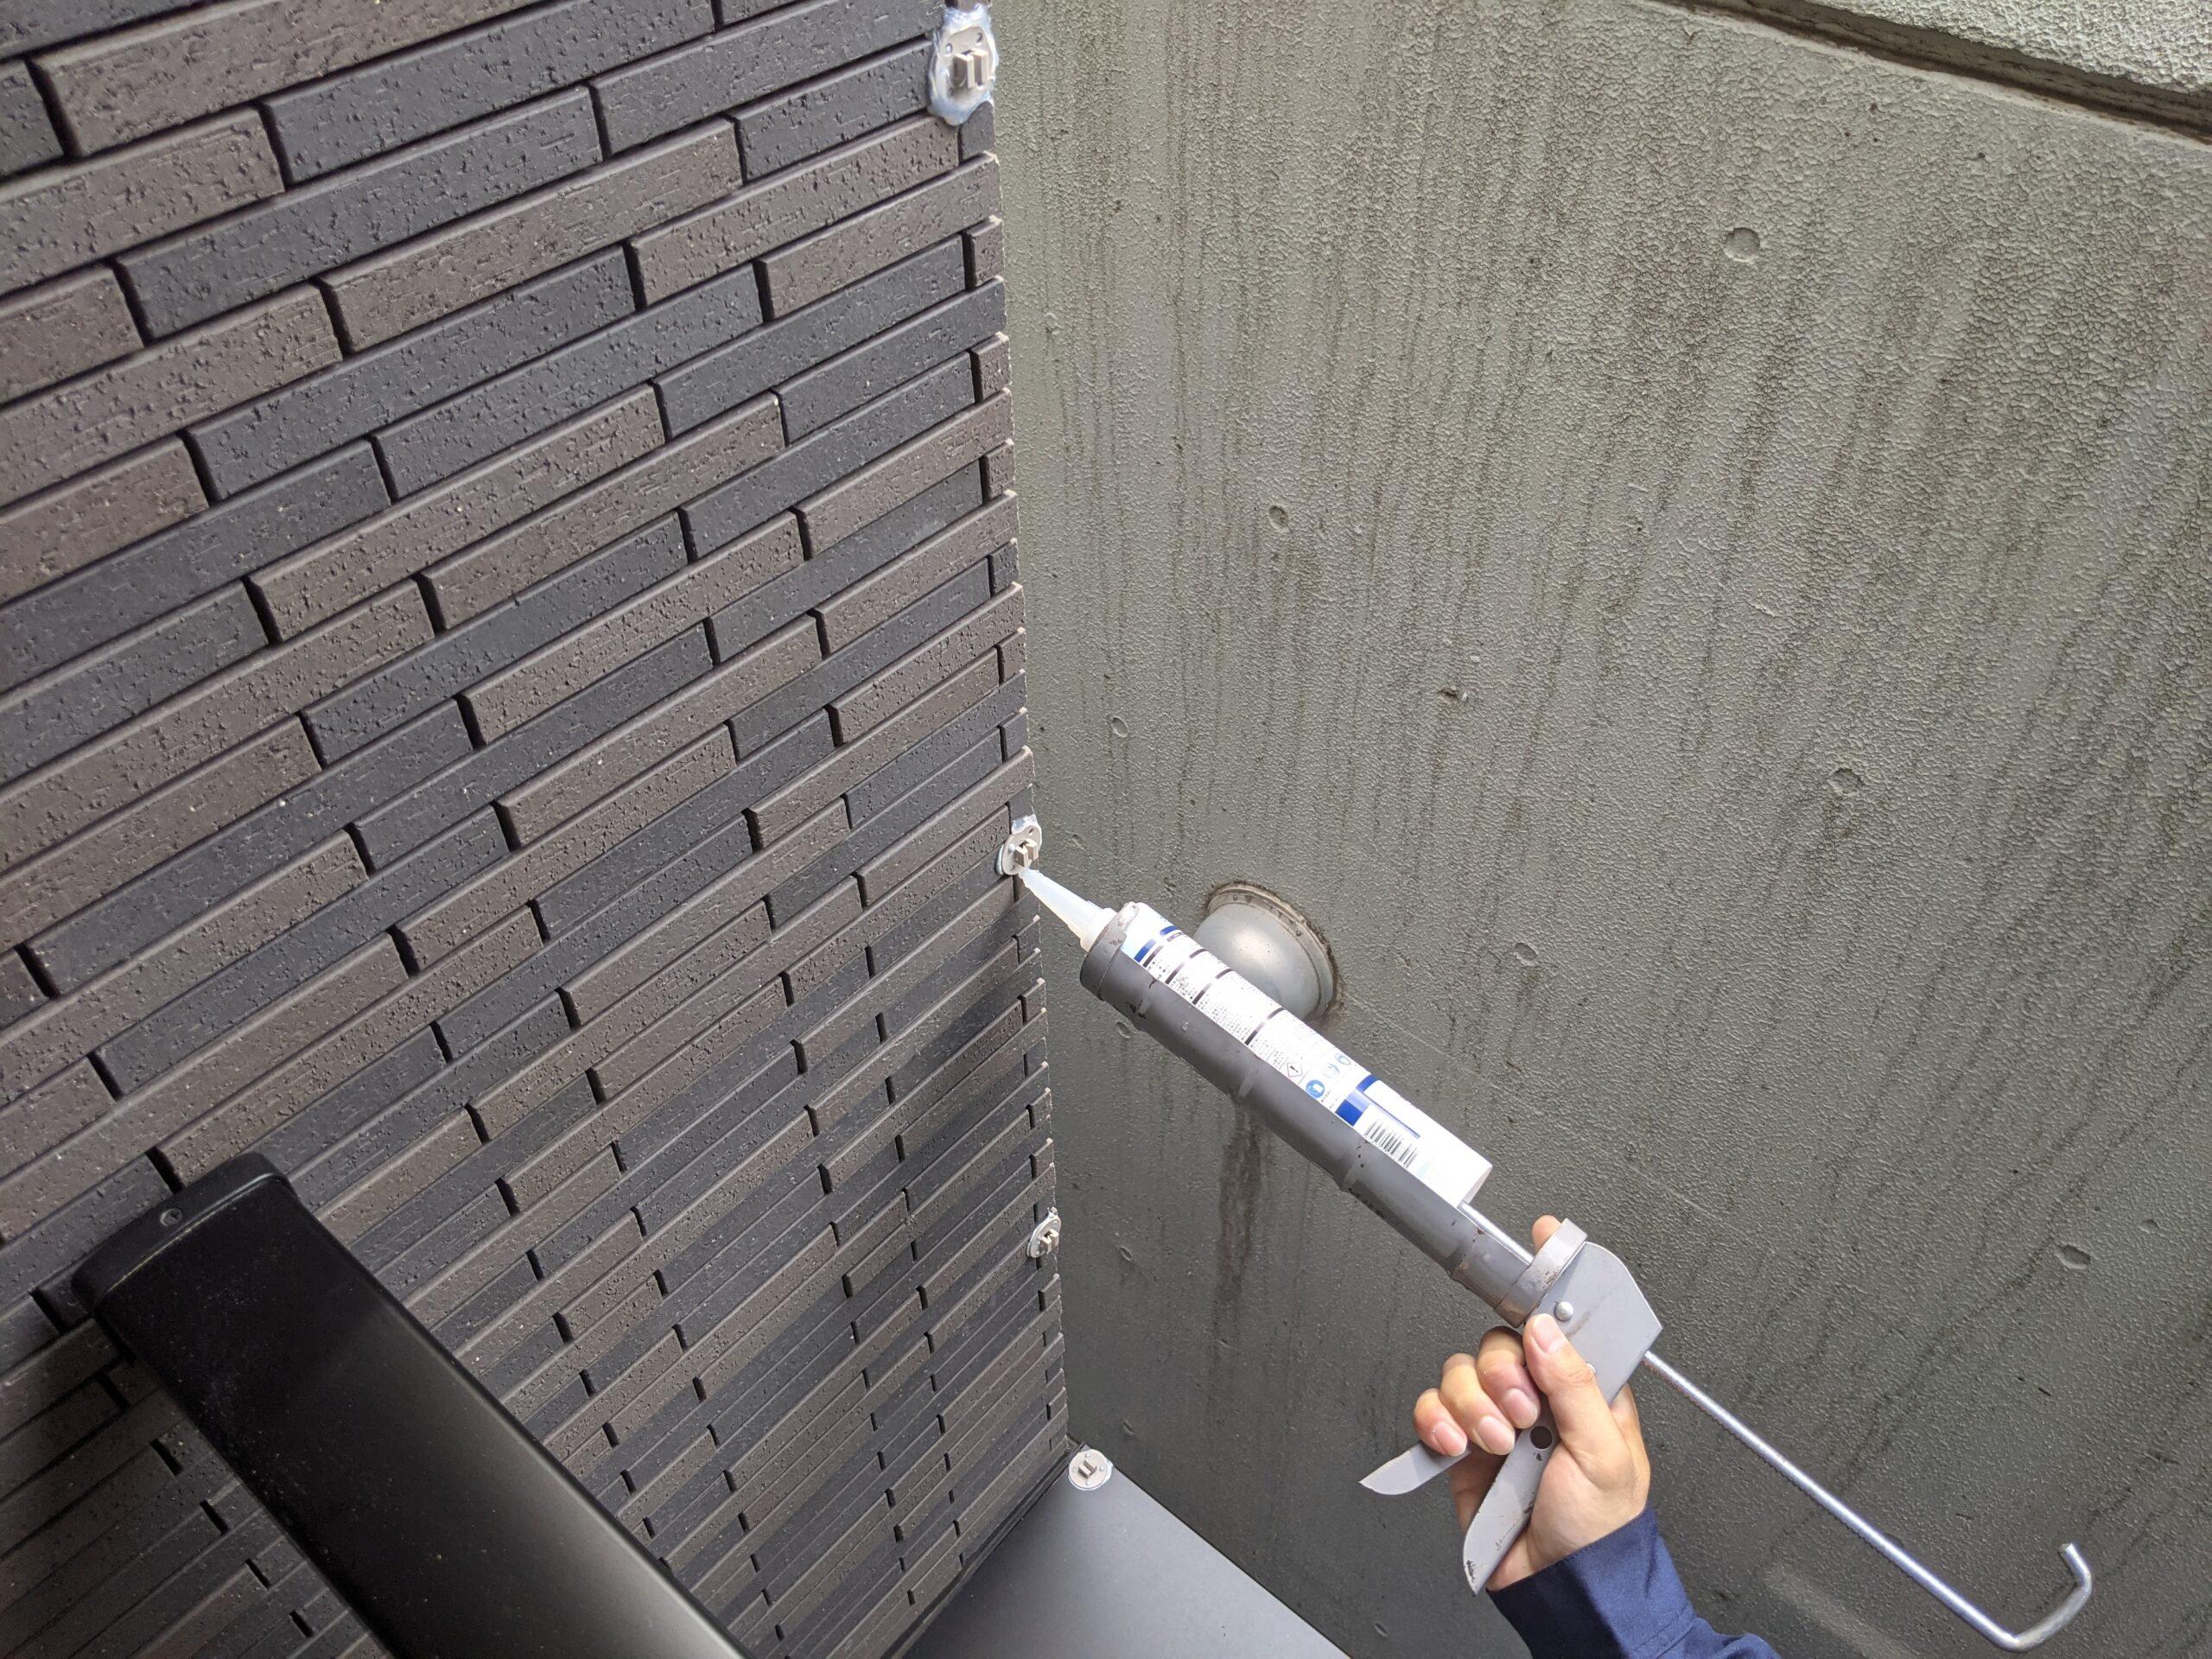 千葉県千葉市の宿泊ホテルのハト駆除:施工後